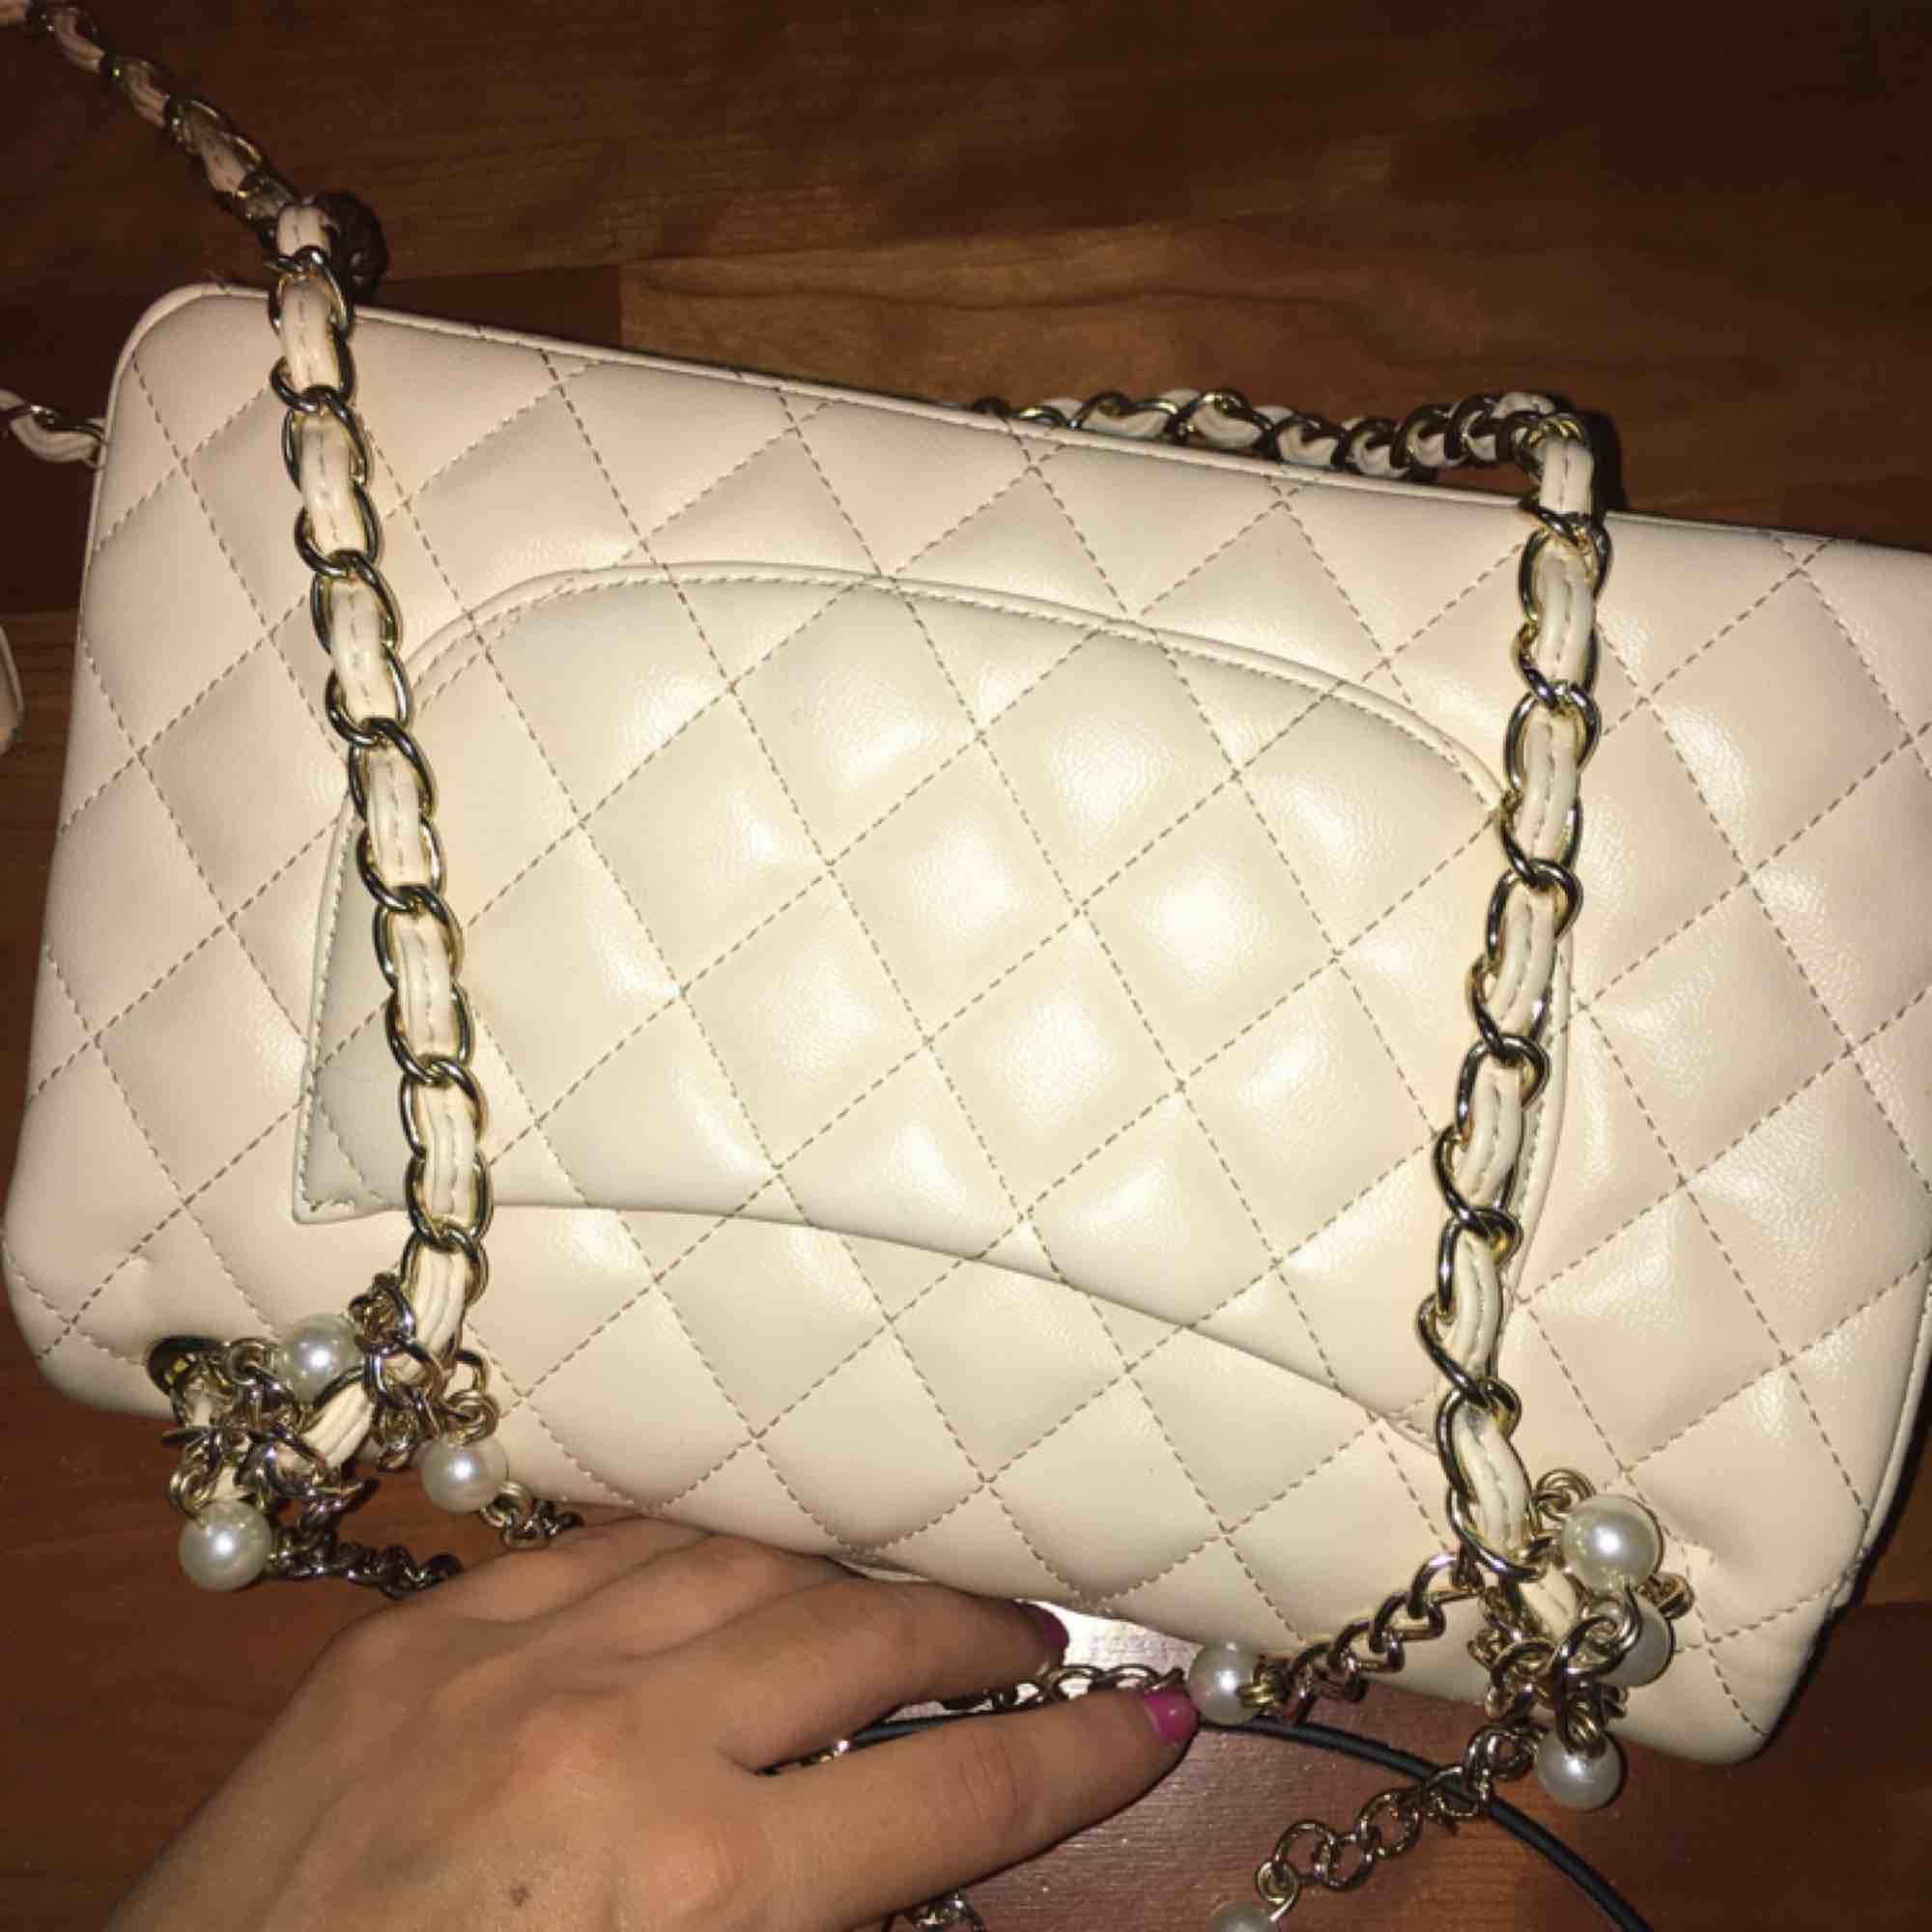 Chanel vit syntet väldigt fin kopia bra kvalite. Väskor.